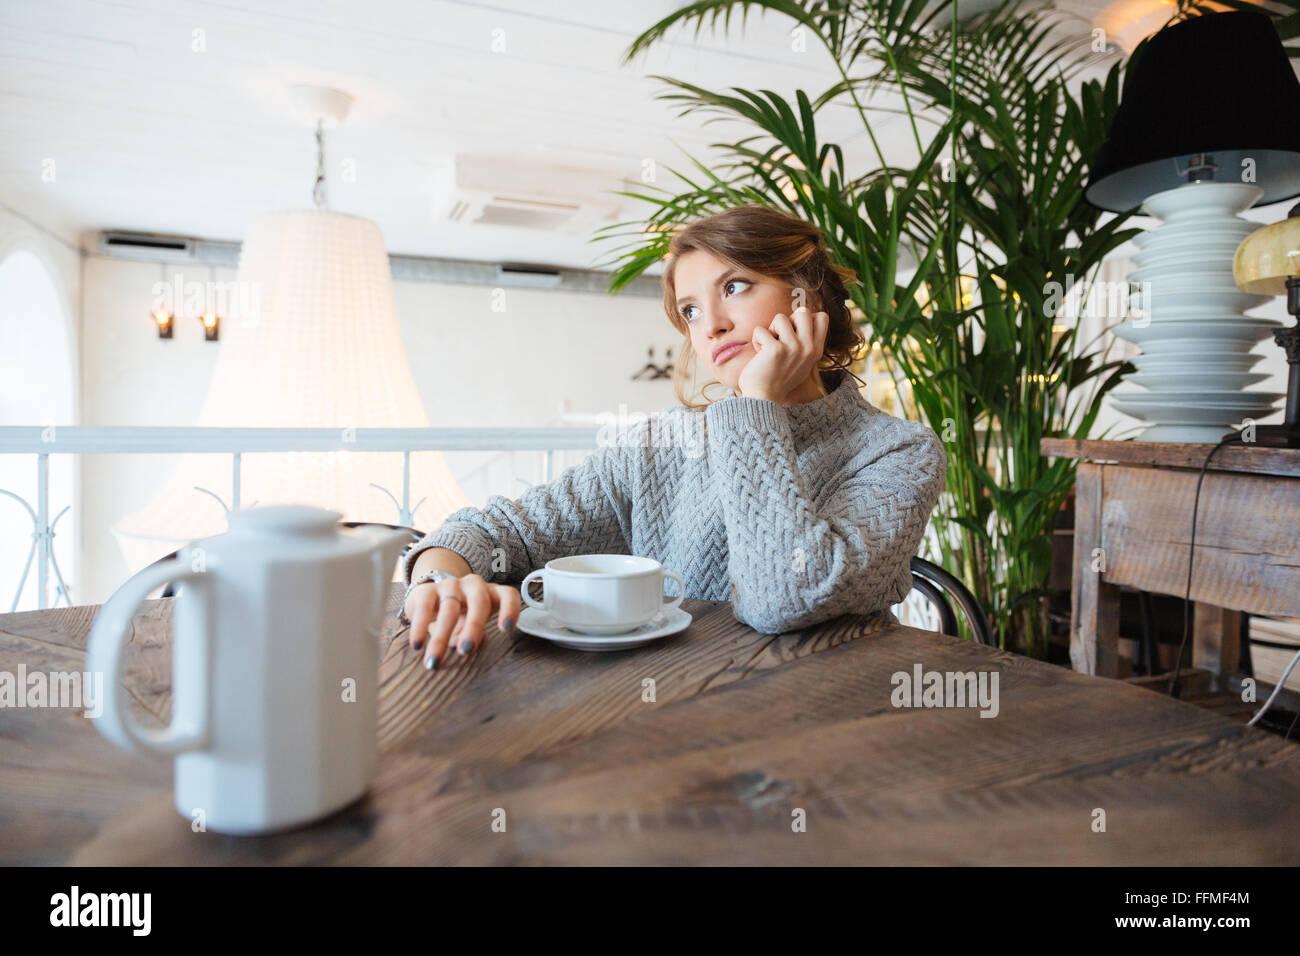 Mujer joven esperando a alguien en el café Imagen De Stock